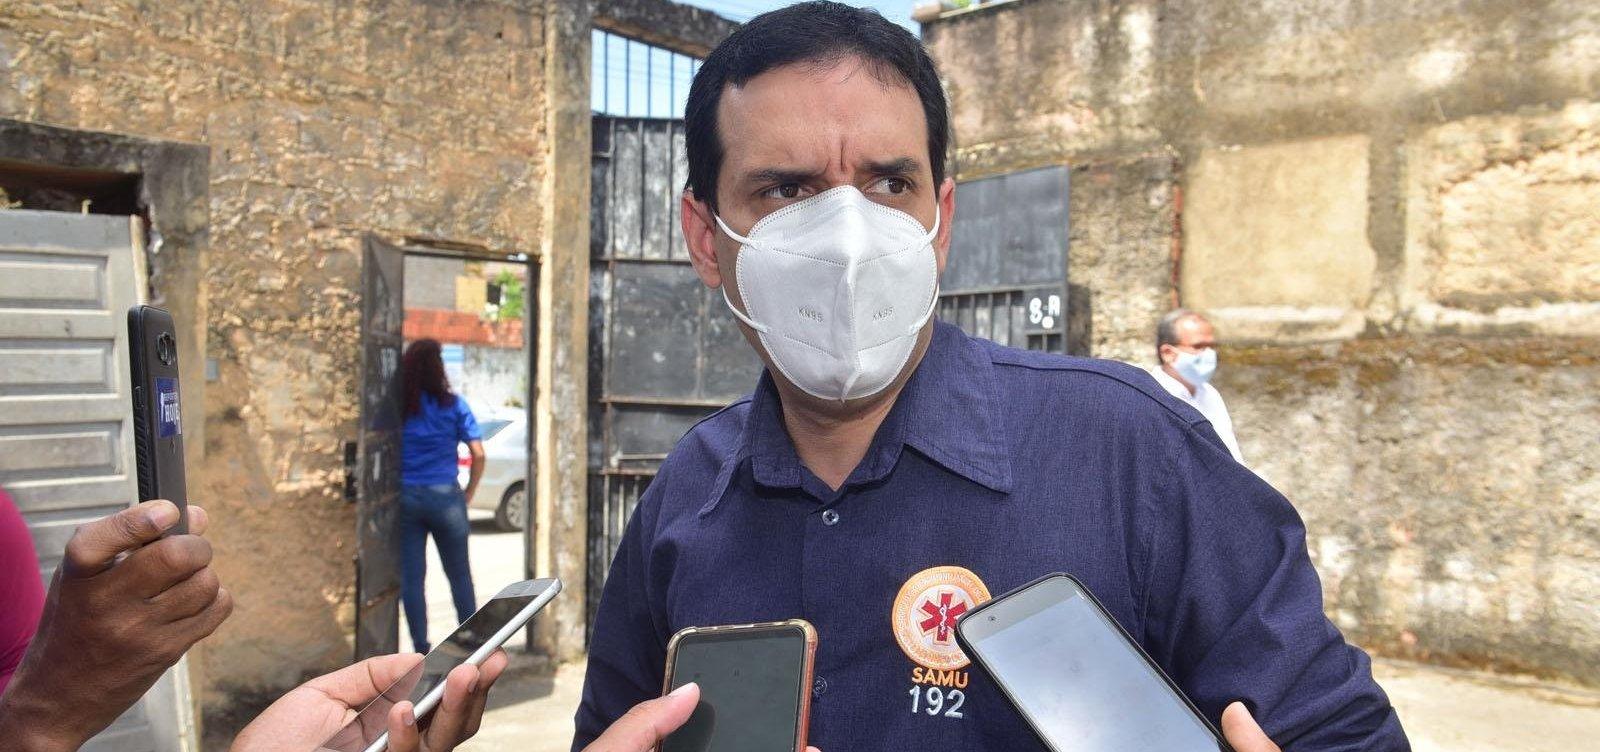 Vacinação em Salvador pode começar nesta segunda-feira, diz secretário